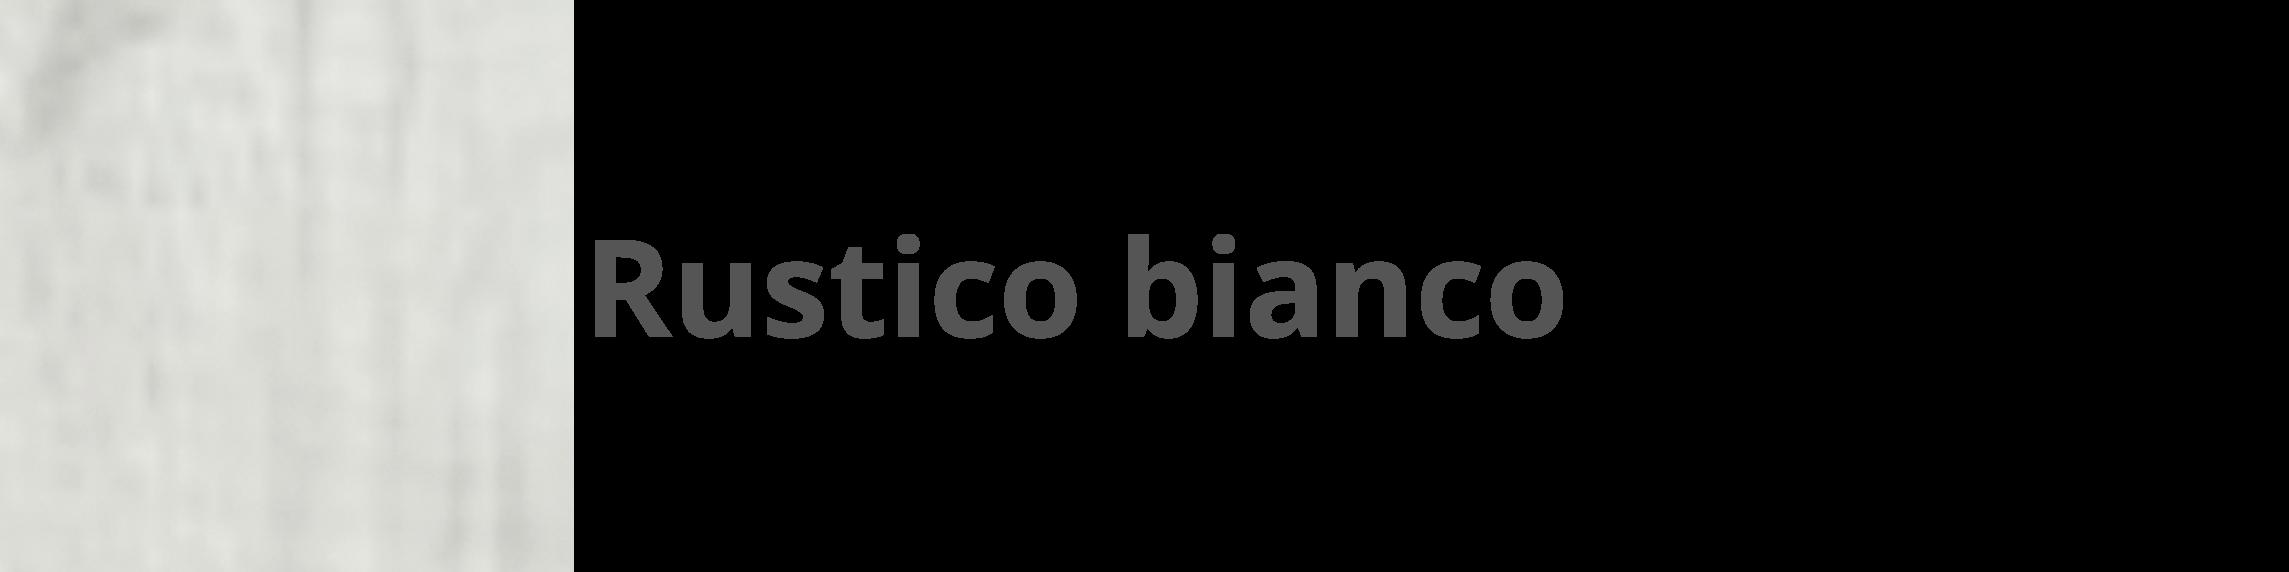 1728 Bianco Rustico